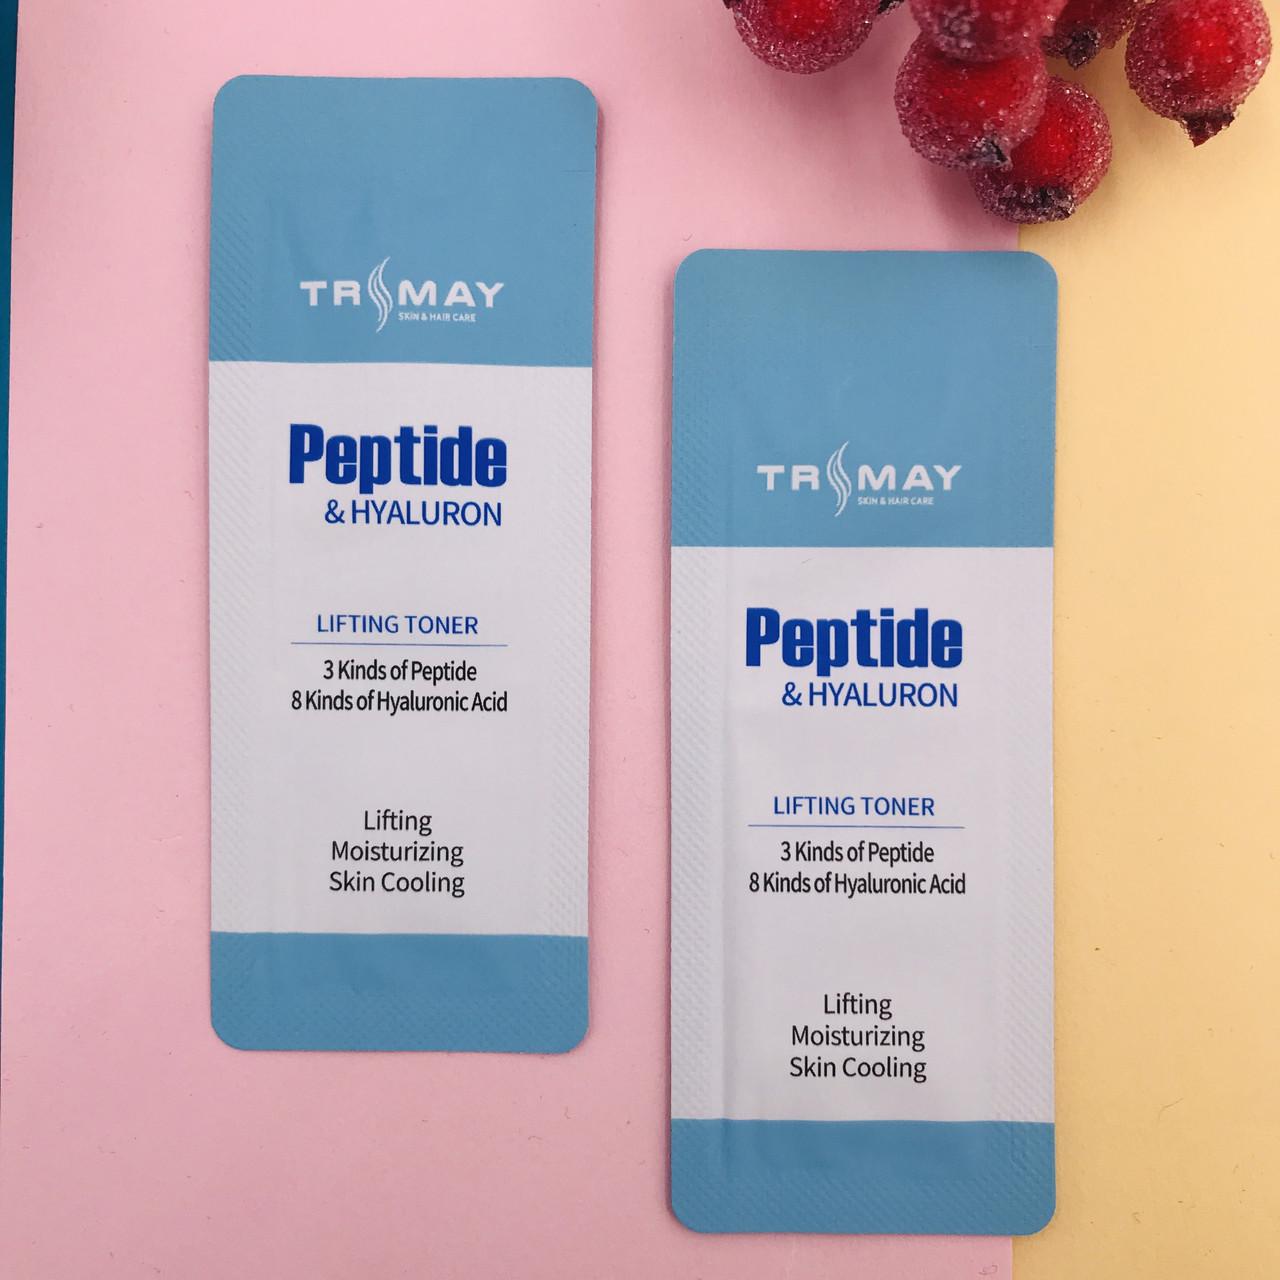 Лифтинг тонер TRIMAY с пептидами и гиалуроновой кислотой Peptide & Hyaluron Lifting Toner пробник